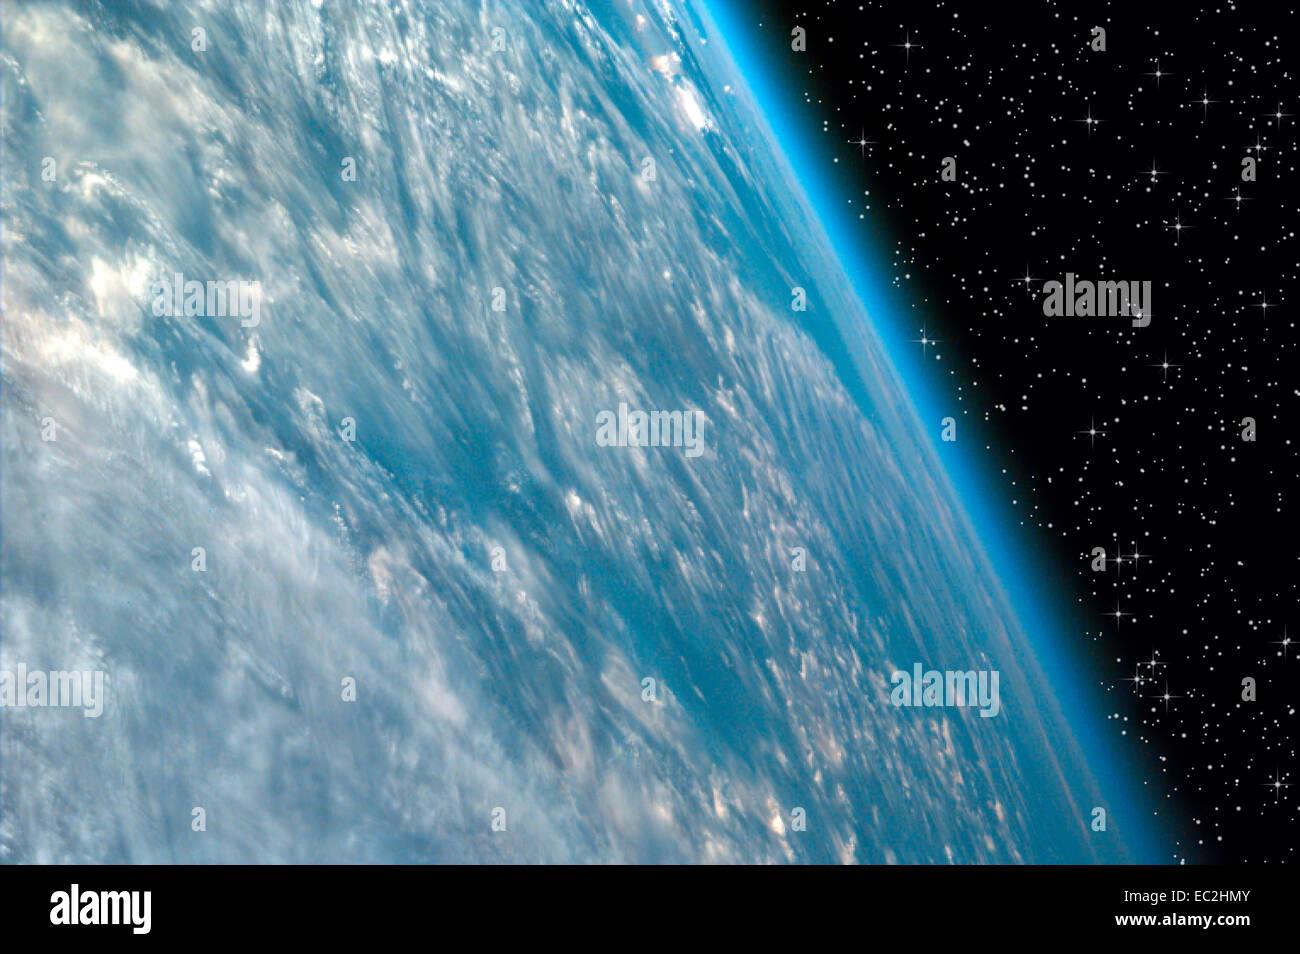 La Terra vista dalla Stazione Spaziale Internazionale sulla notte stellata Immagini Stock